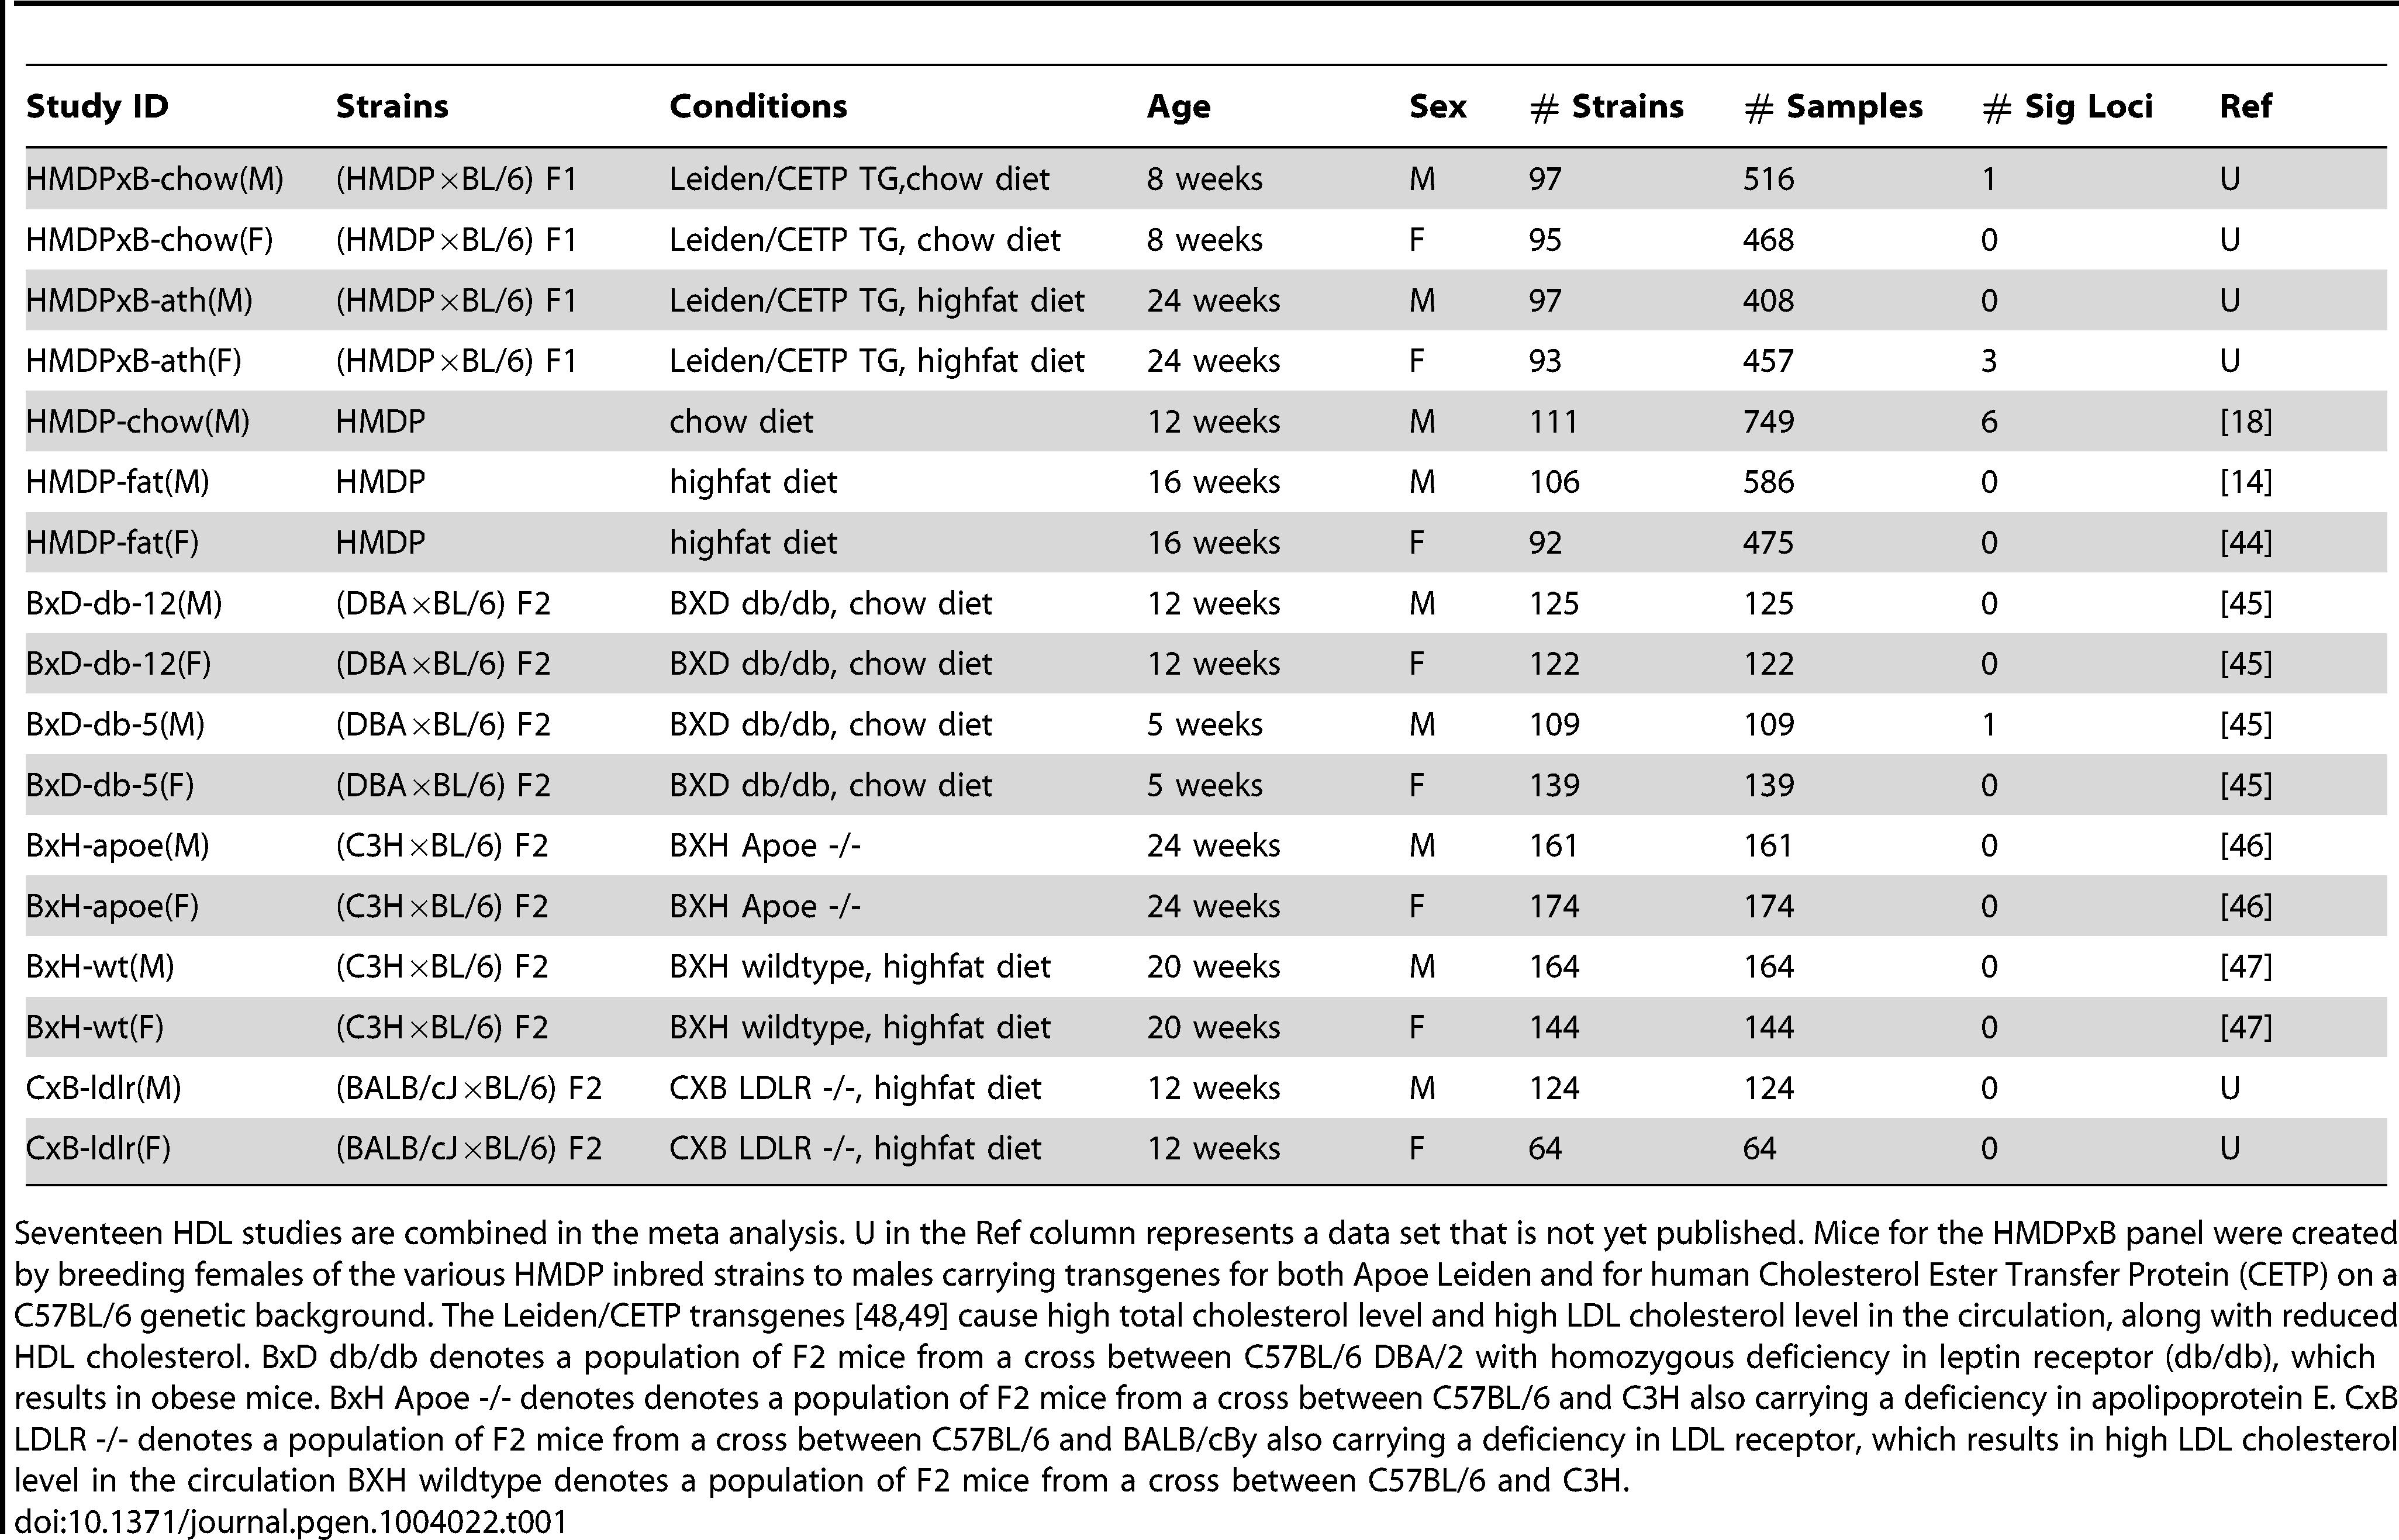 17 HDL studies for meta analysis.